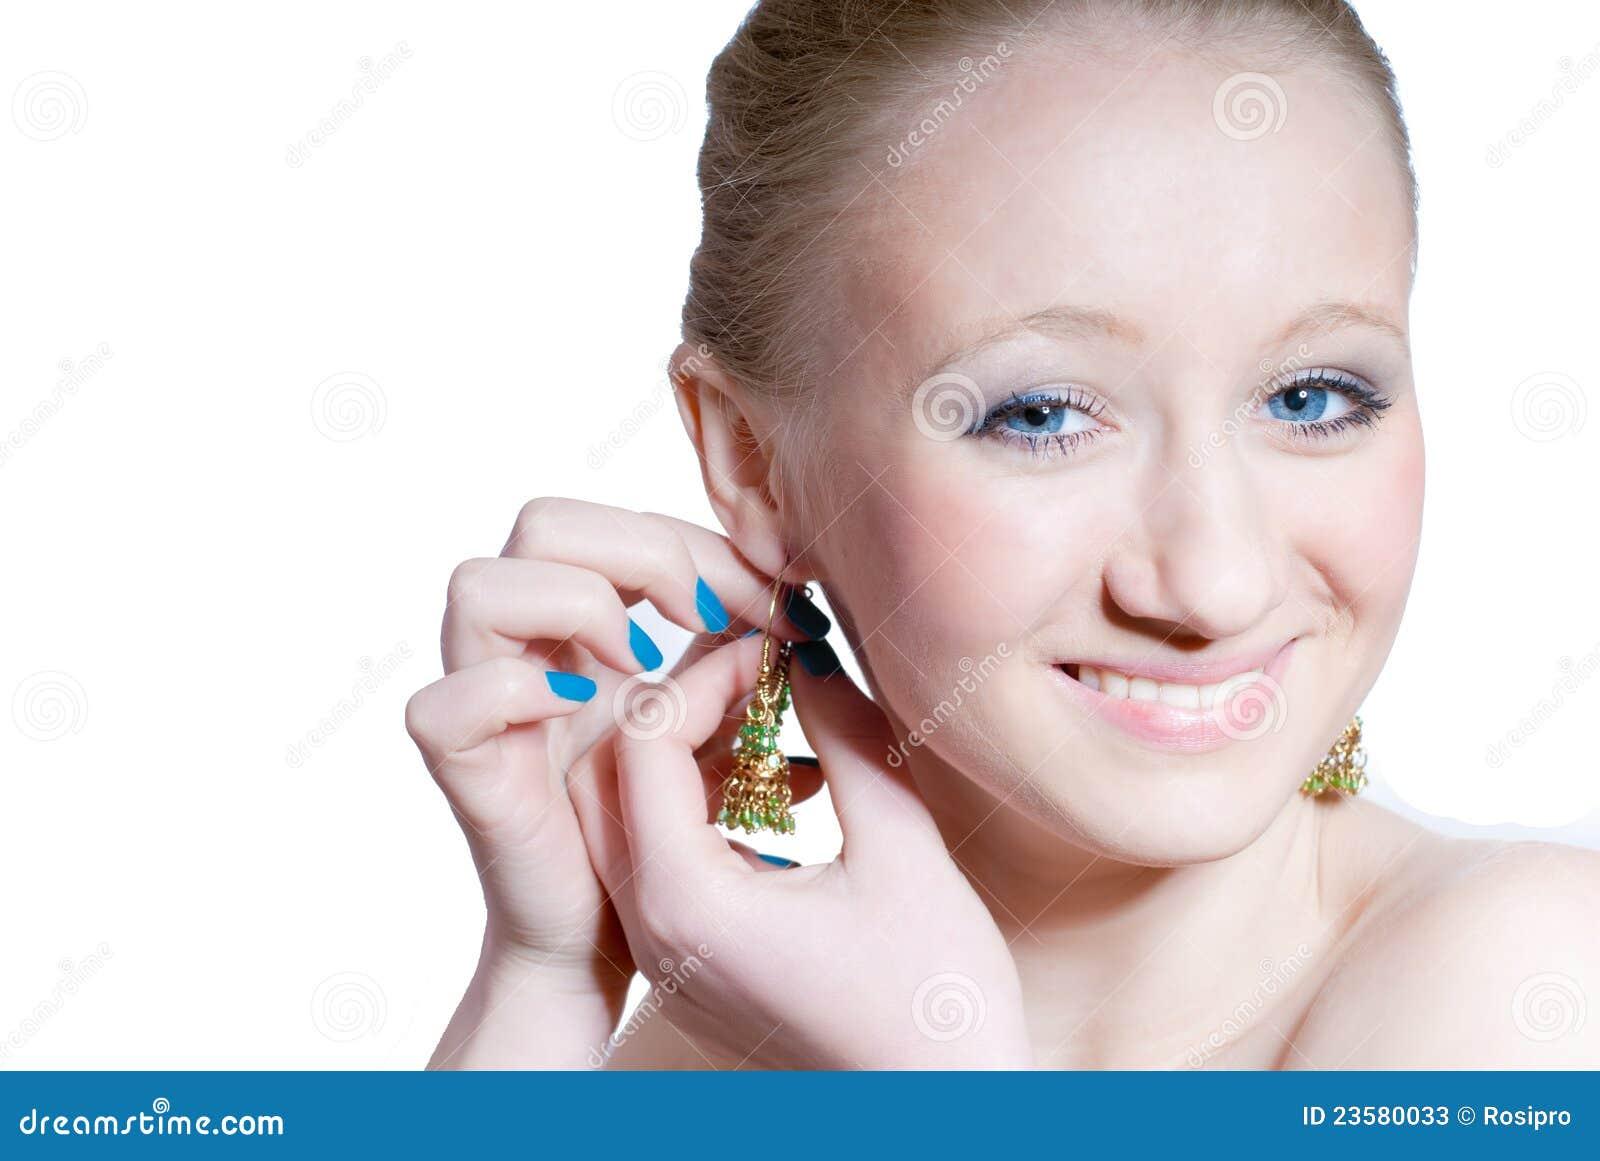 Muchacha hermosa con los ojos azules y pendiente aislado